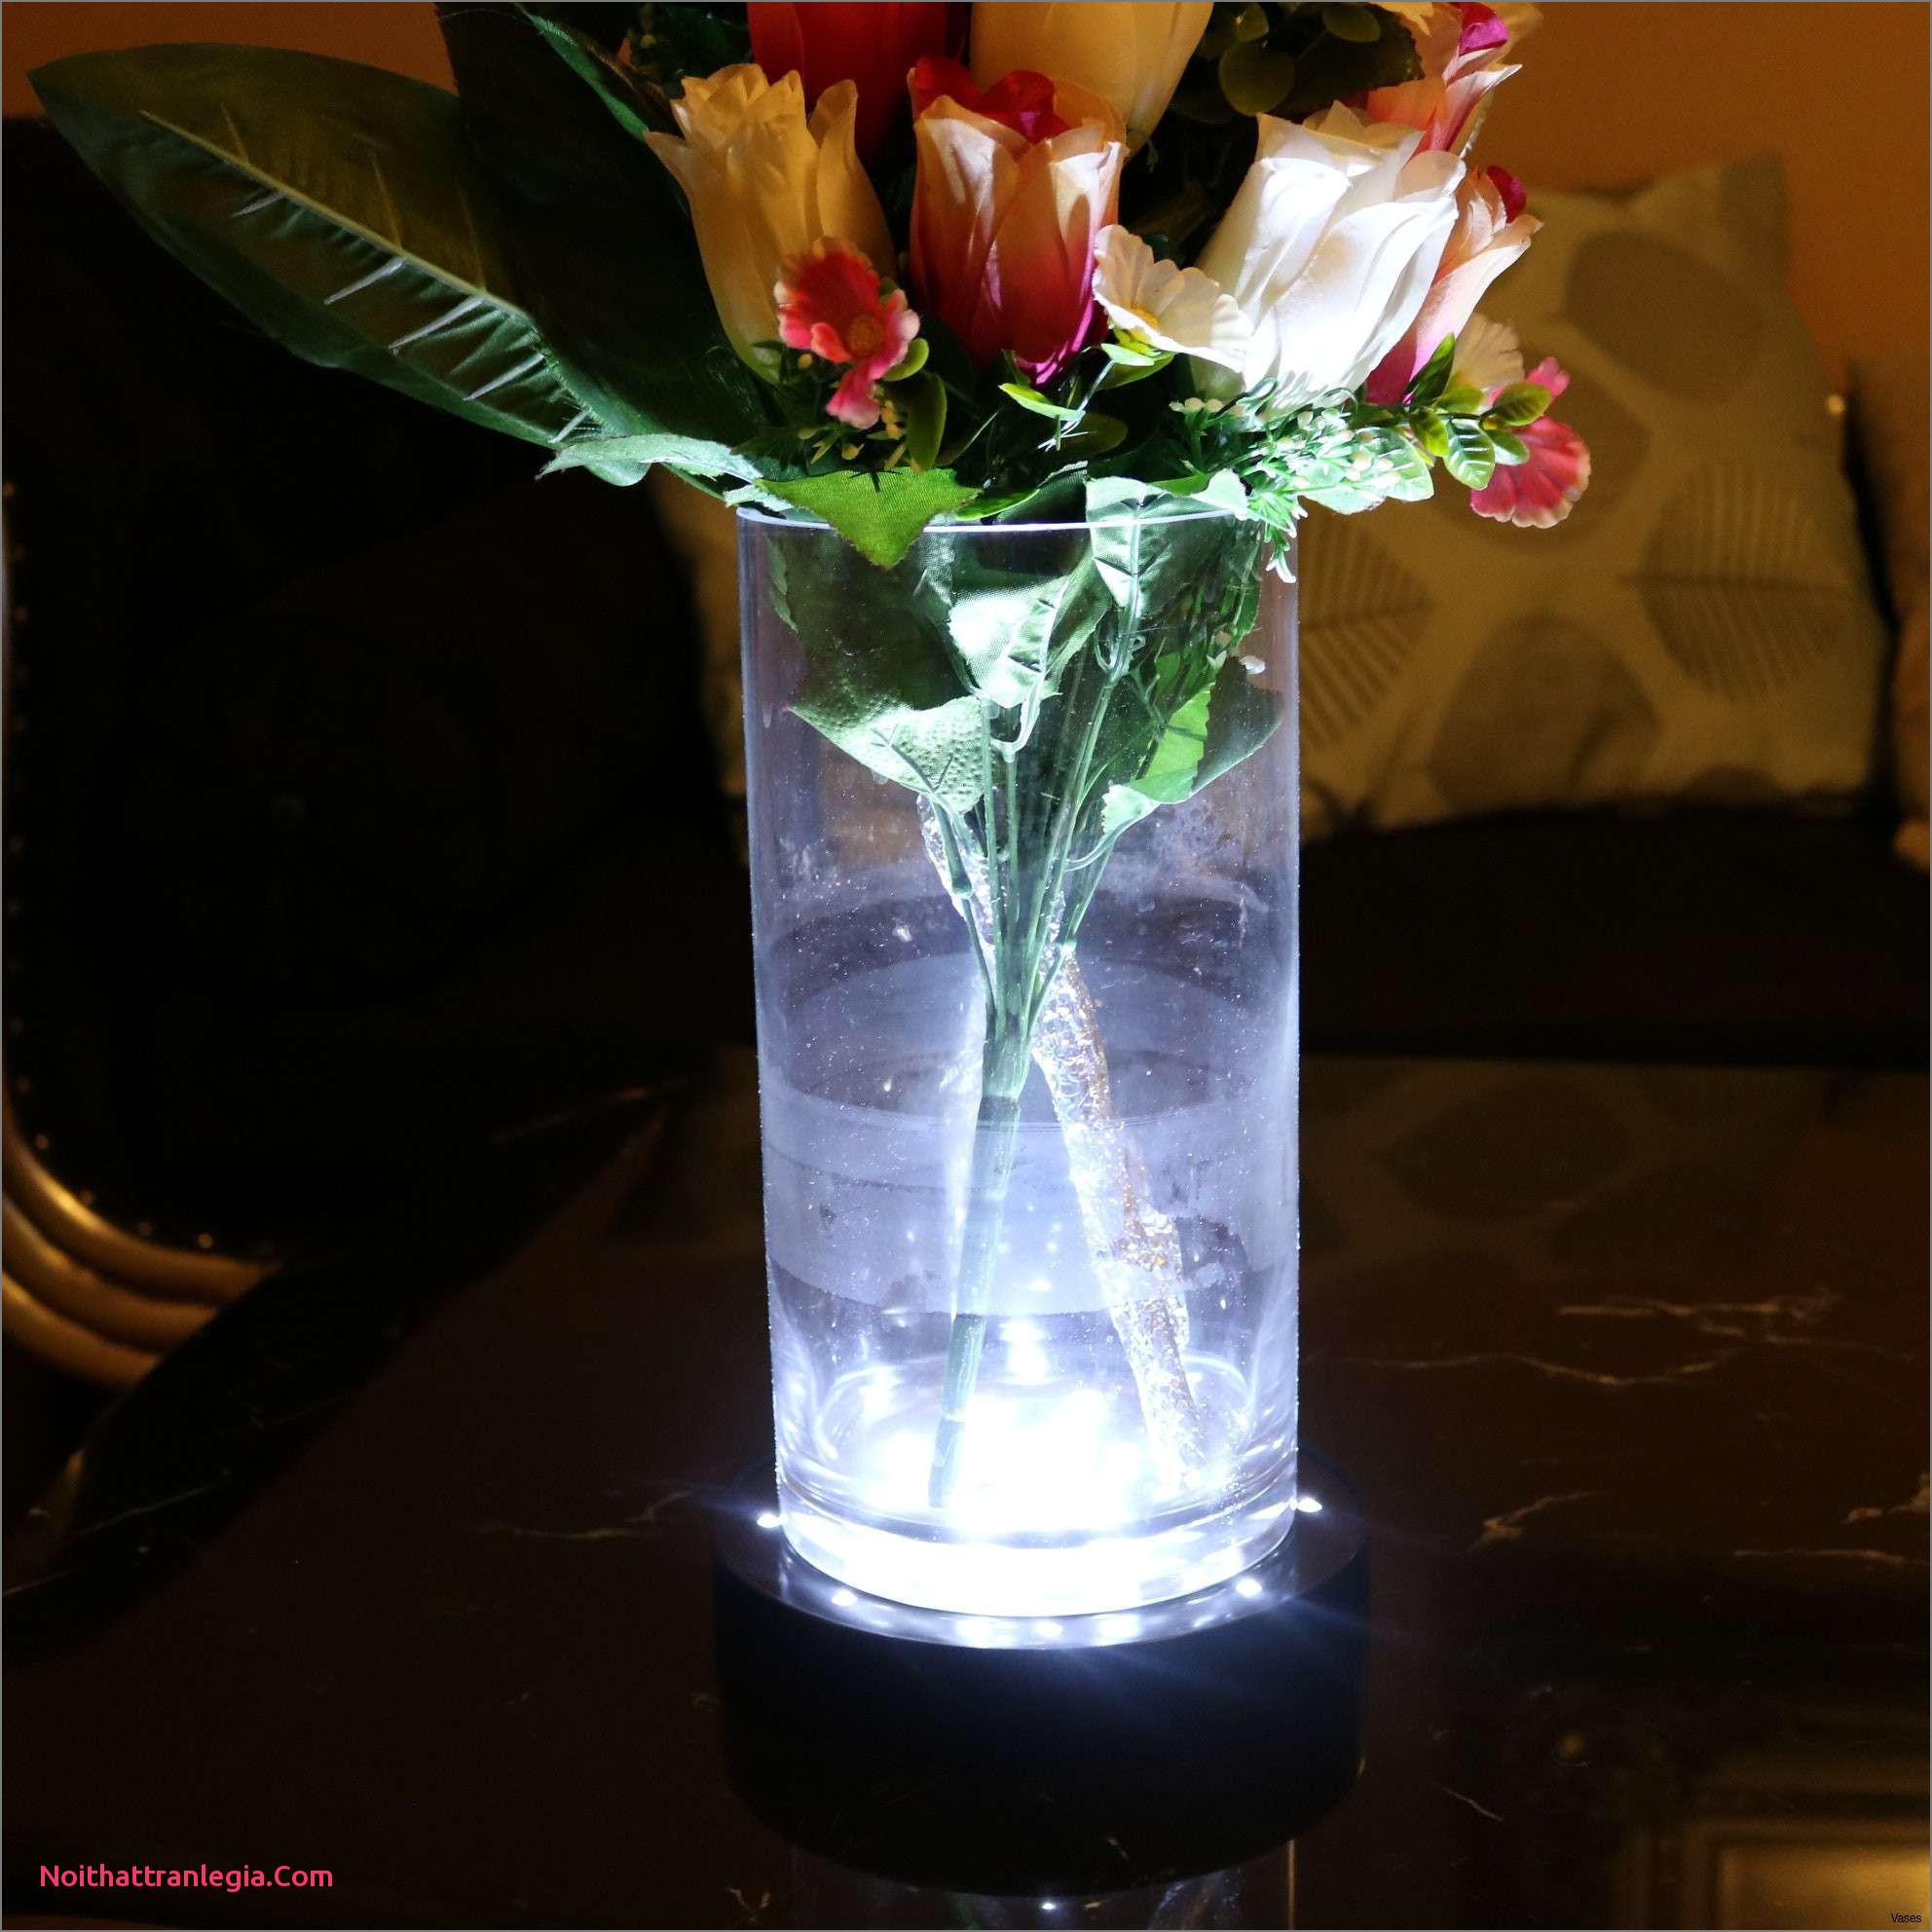 small glass vase with flowers of 20 cut glass antique vase noithattranlegia vases design for glass wall vases gallery vases disposable plastic single cheap flower rose vasei 0d design glass